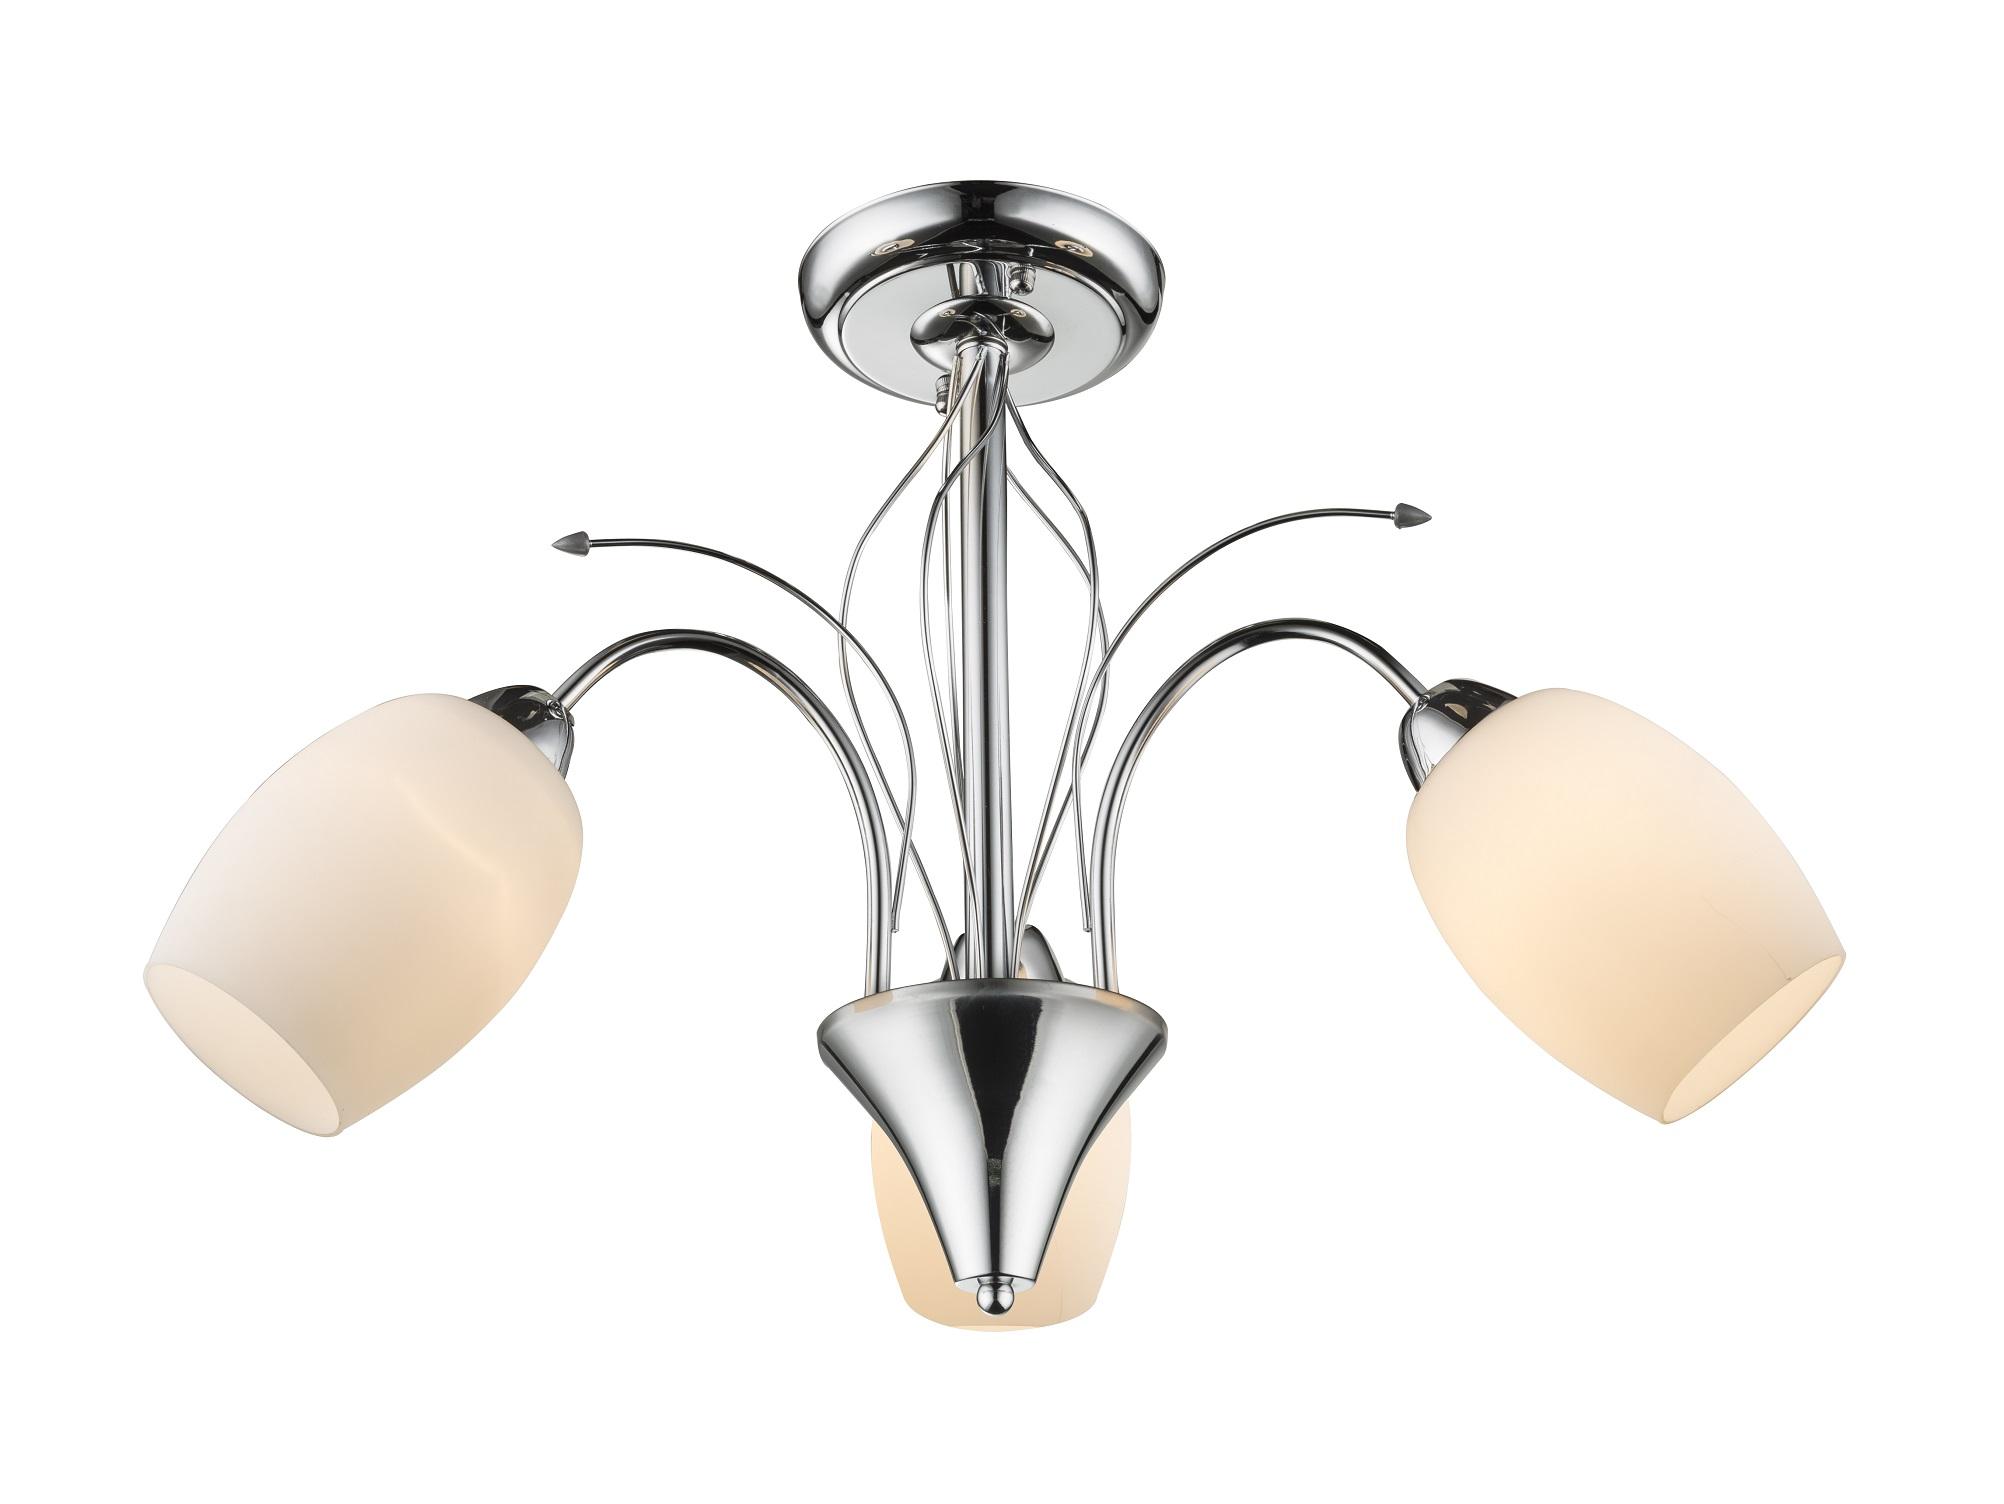 Люстра потолочнаяЛюстры потолочные<br><br>Вид цоколя: E27<br>Мощность:  60W <br>Количество ламп: 3 (нет в комплекте)<br>